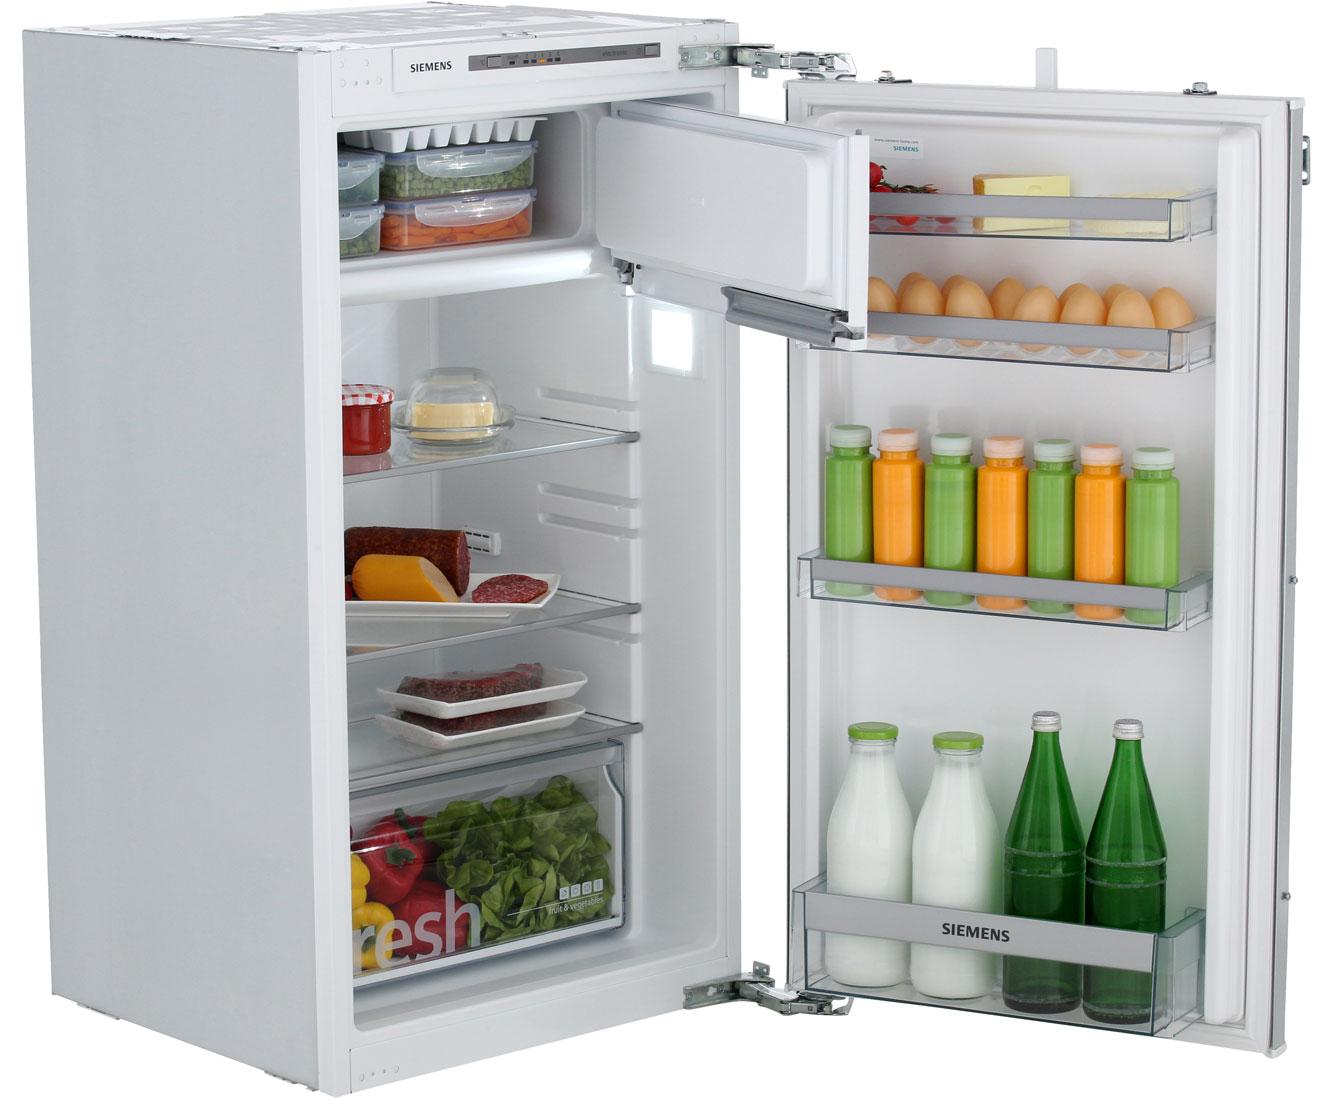 inbouw koelkast 102 cm met vriesvak deur op deur